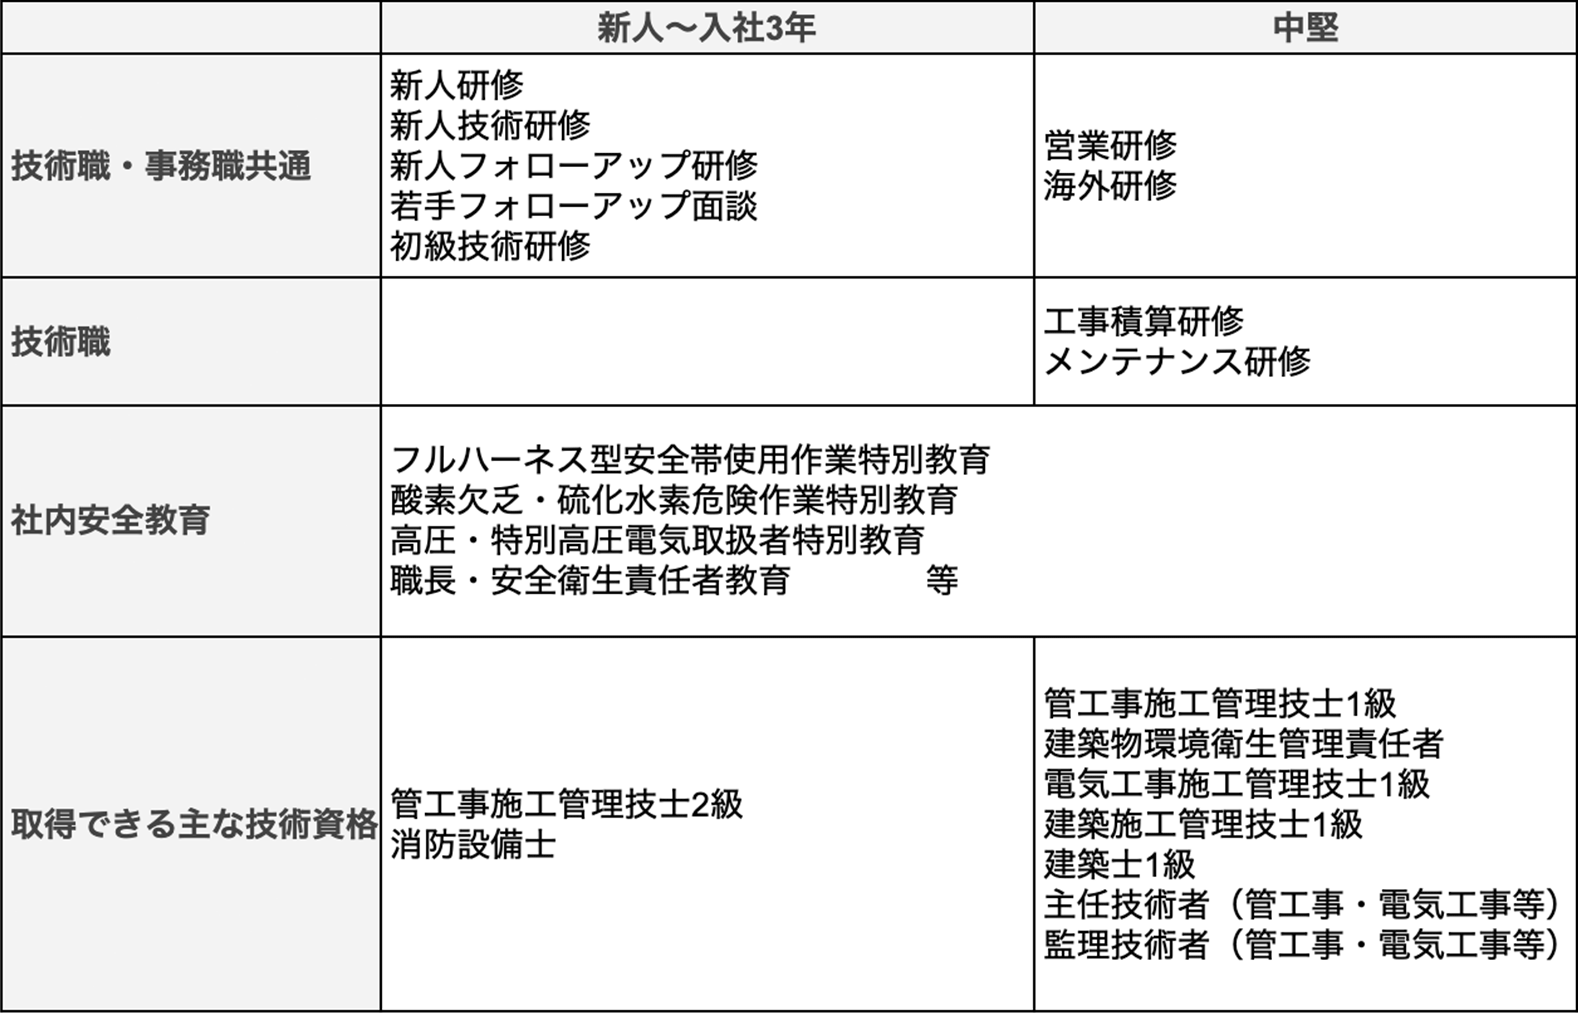 入社年数と職種別の研修リスト